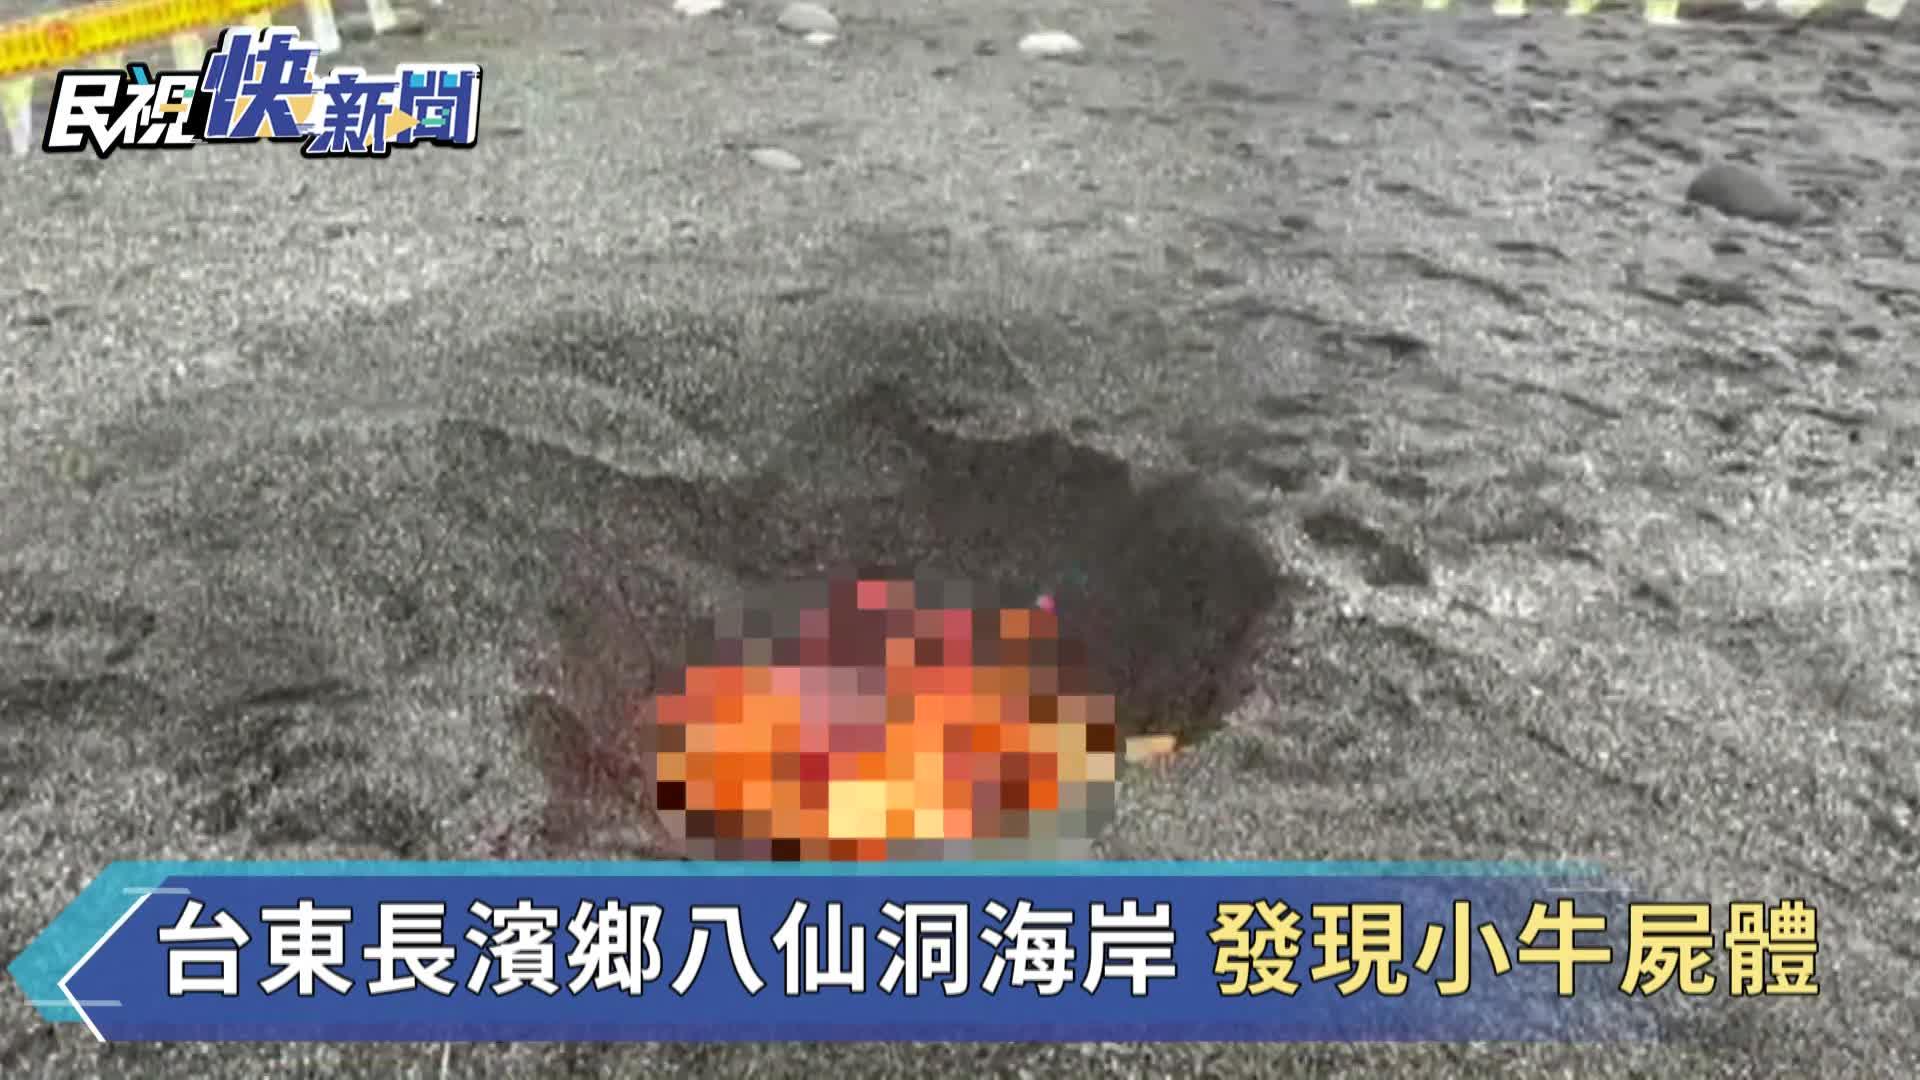 快新聞/台東長濱發現小牛屍體 海巡署確認「無牛結節疹」